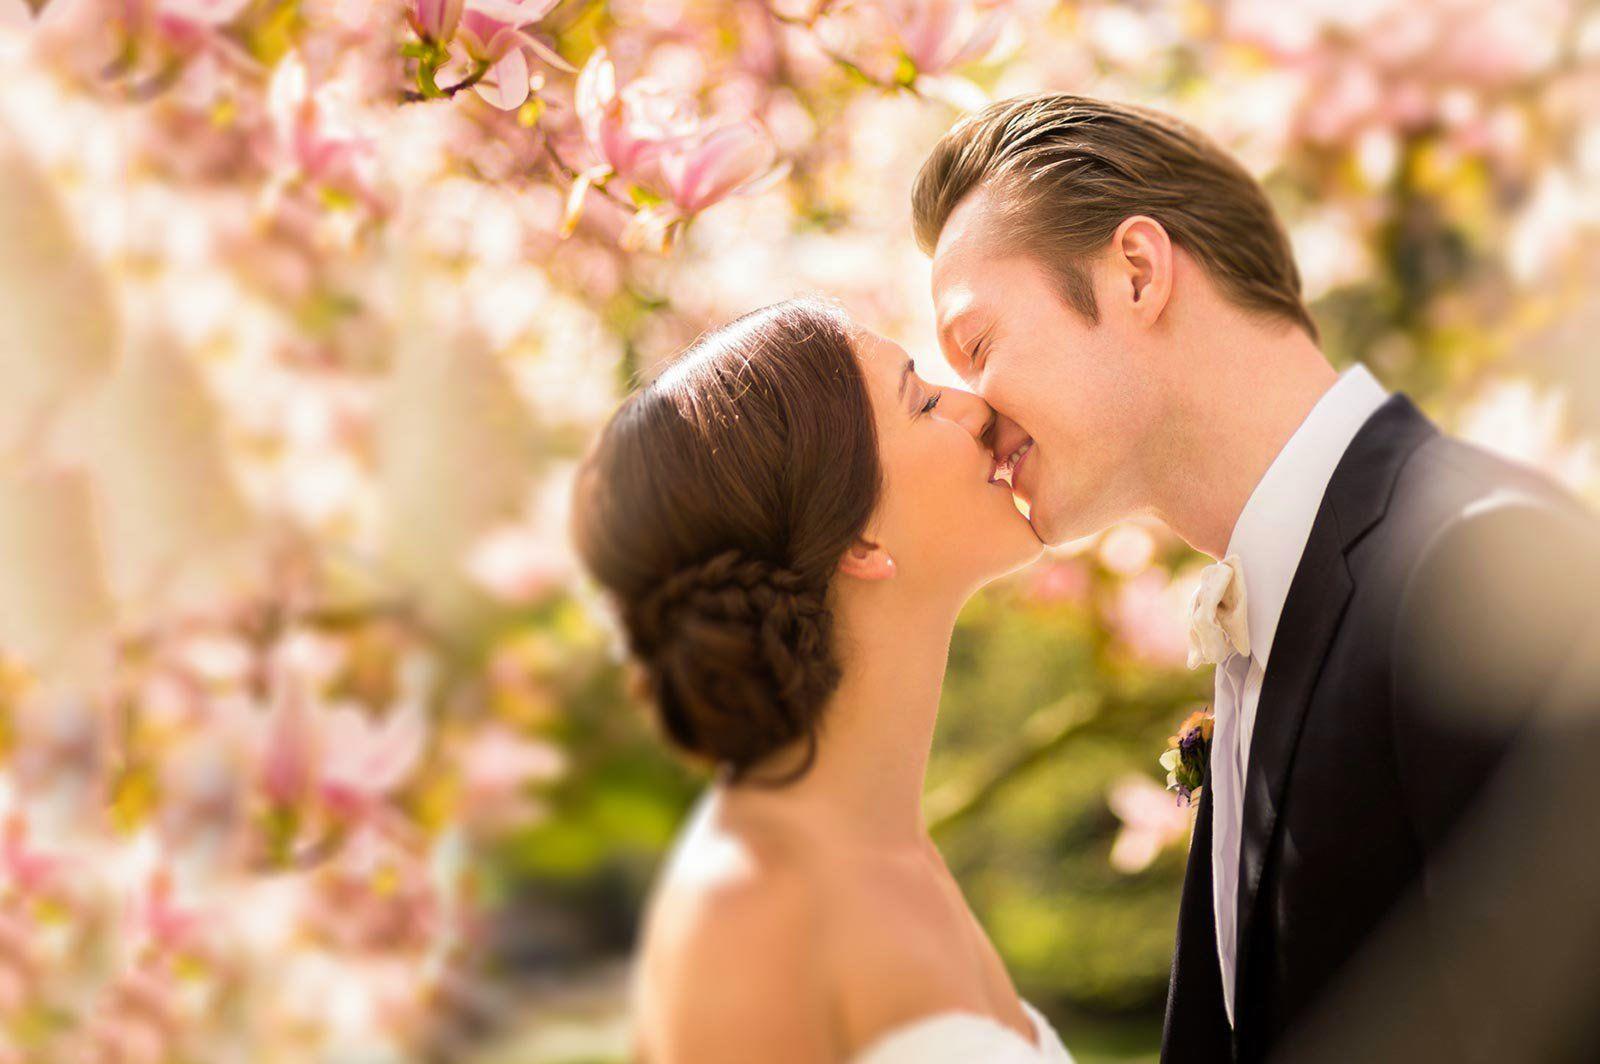 wedding-couple-couple